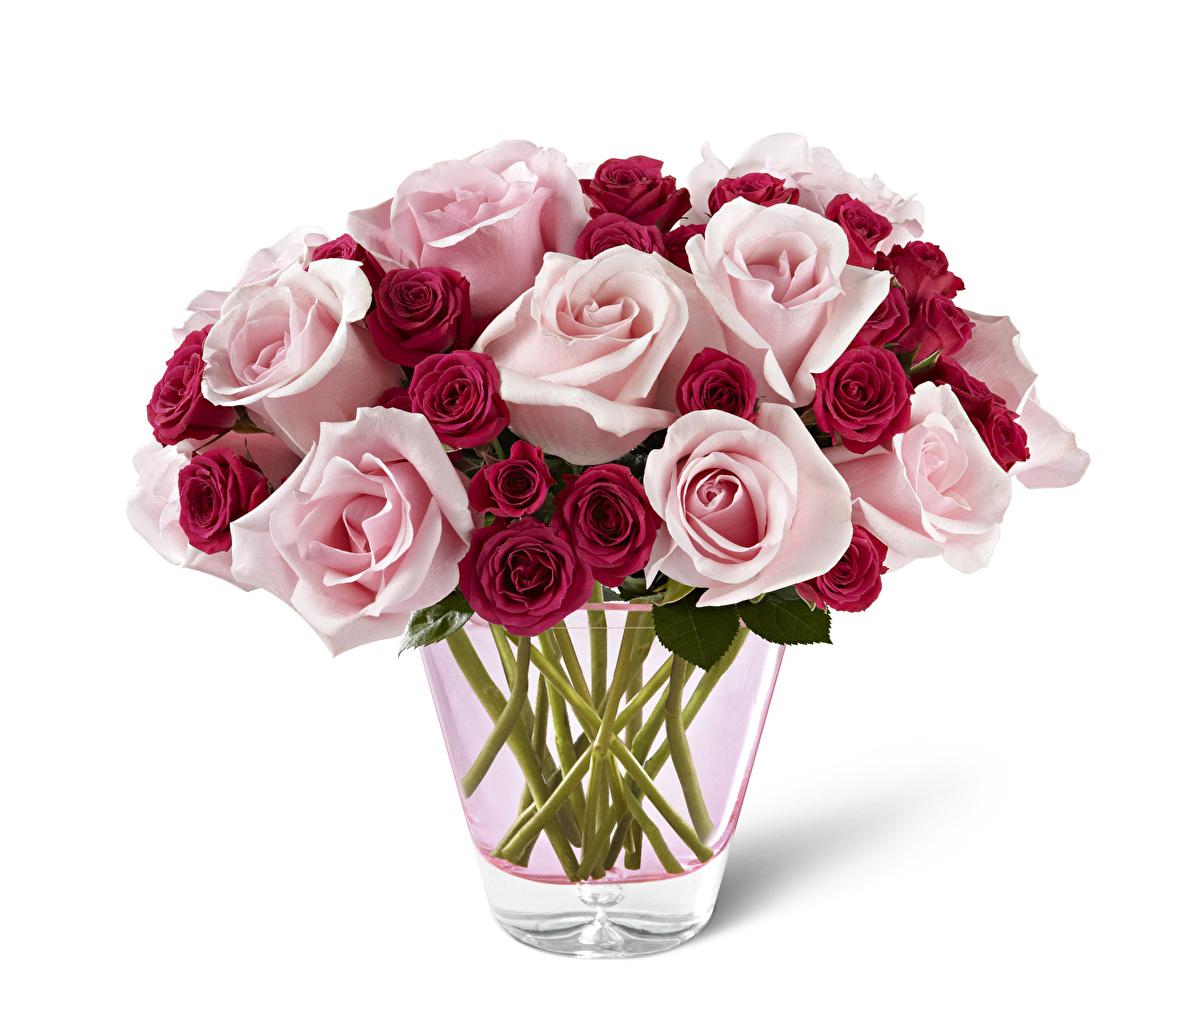 Картинка роза Цветы вазы Белый фон Розы цветок Ваза вазе белом фоне белым фоном